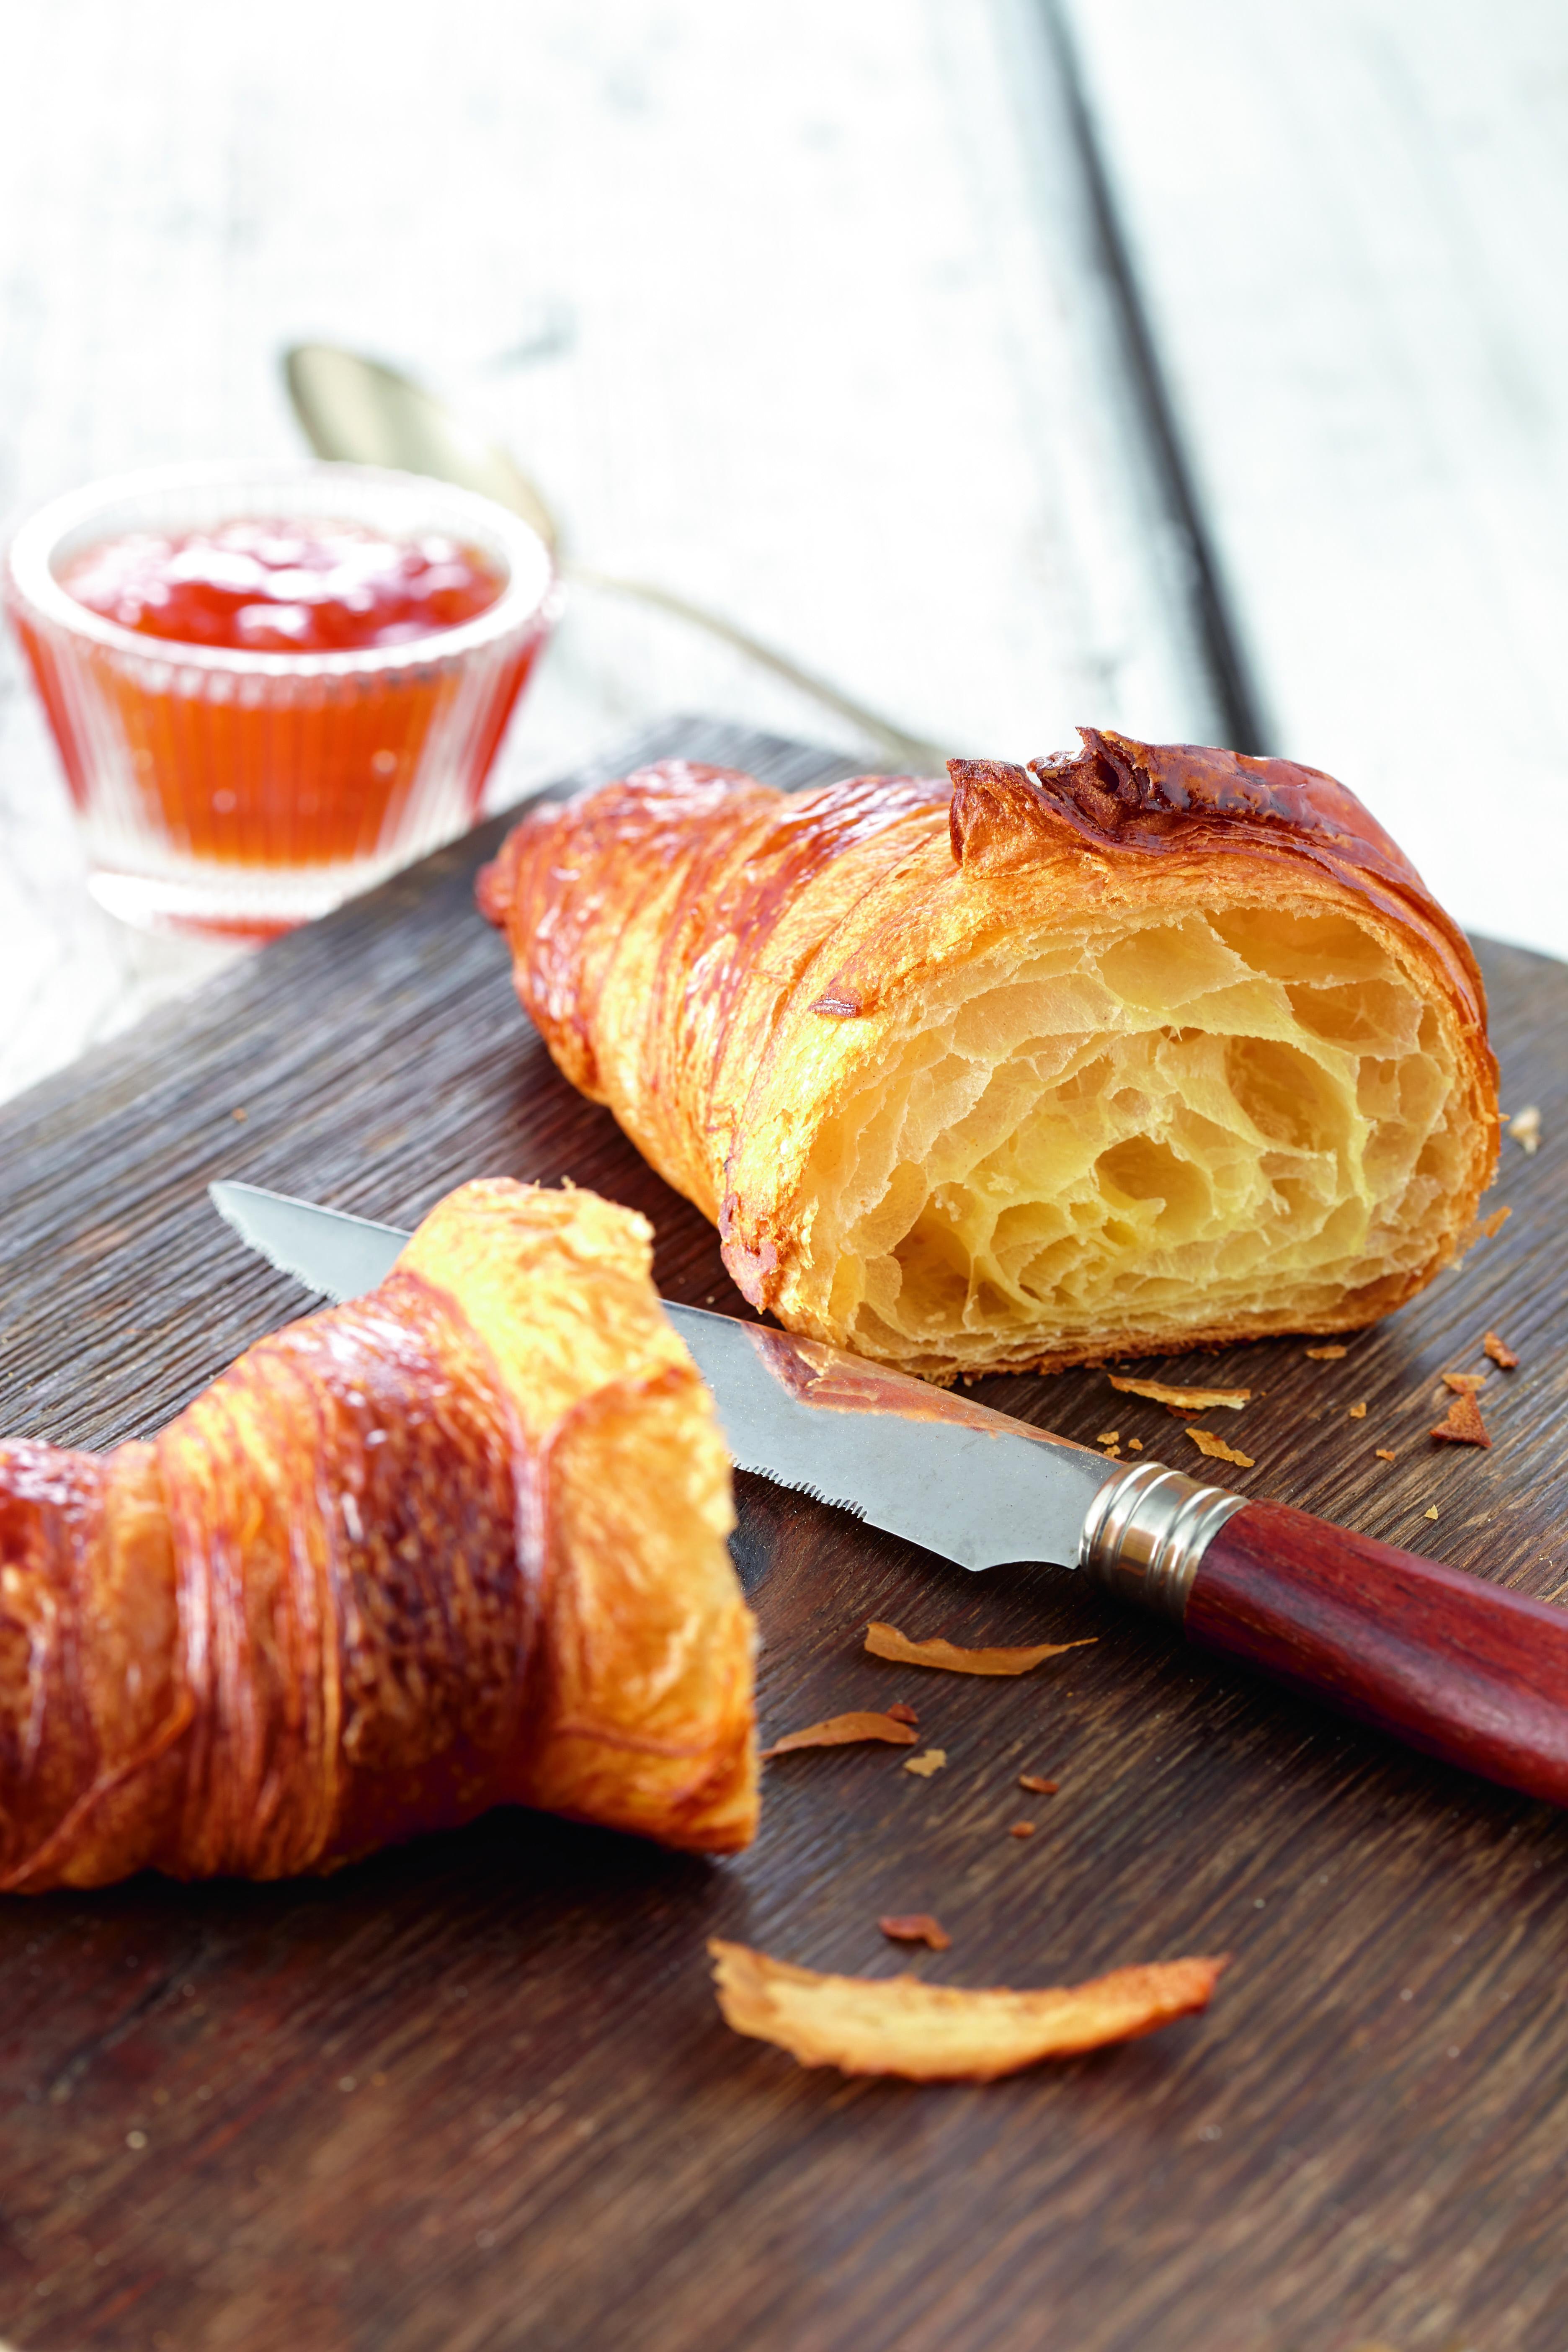 Onze croissants worden bereid volgens authentiek Franse receptuur. We brengen op traditionele wijze lagen aan in het deeg met als resultaat een perfecte en luchtige bladerdeegstructuur. De croissant is bereid met uitsluitend natuurlijke ingrediënten, waar